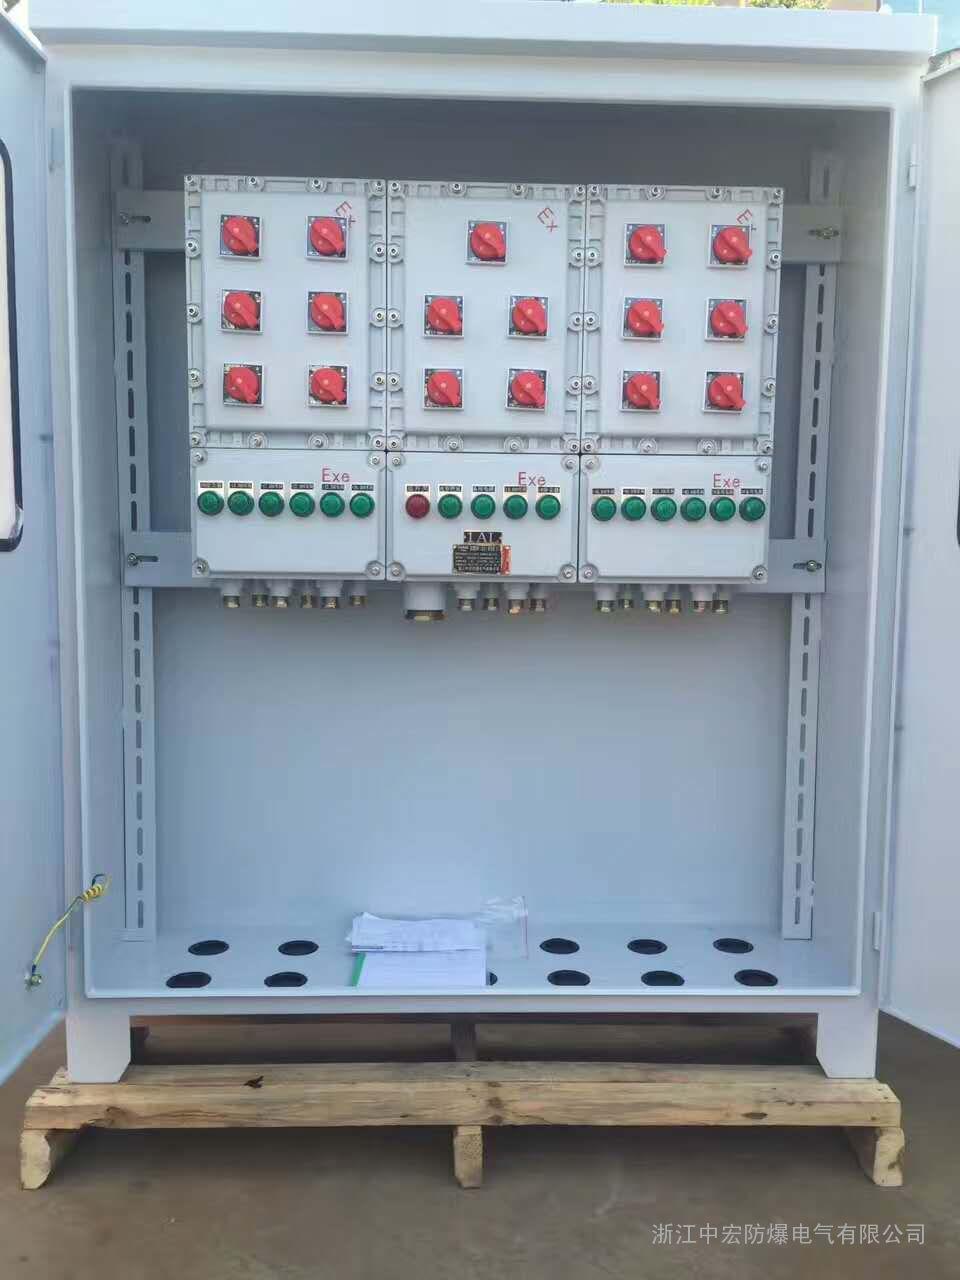 厂家直销防爆配电箱 户外防爆动力配电箱 检修箱 控制箱生产定做